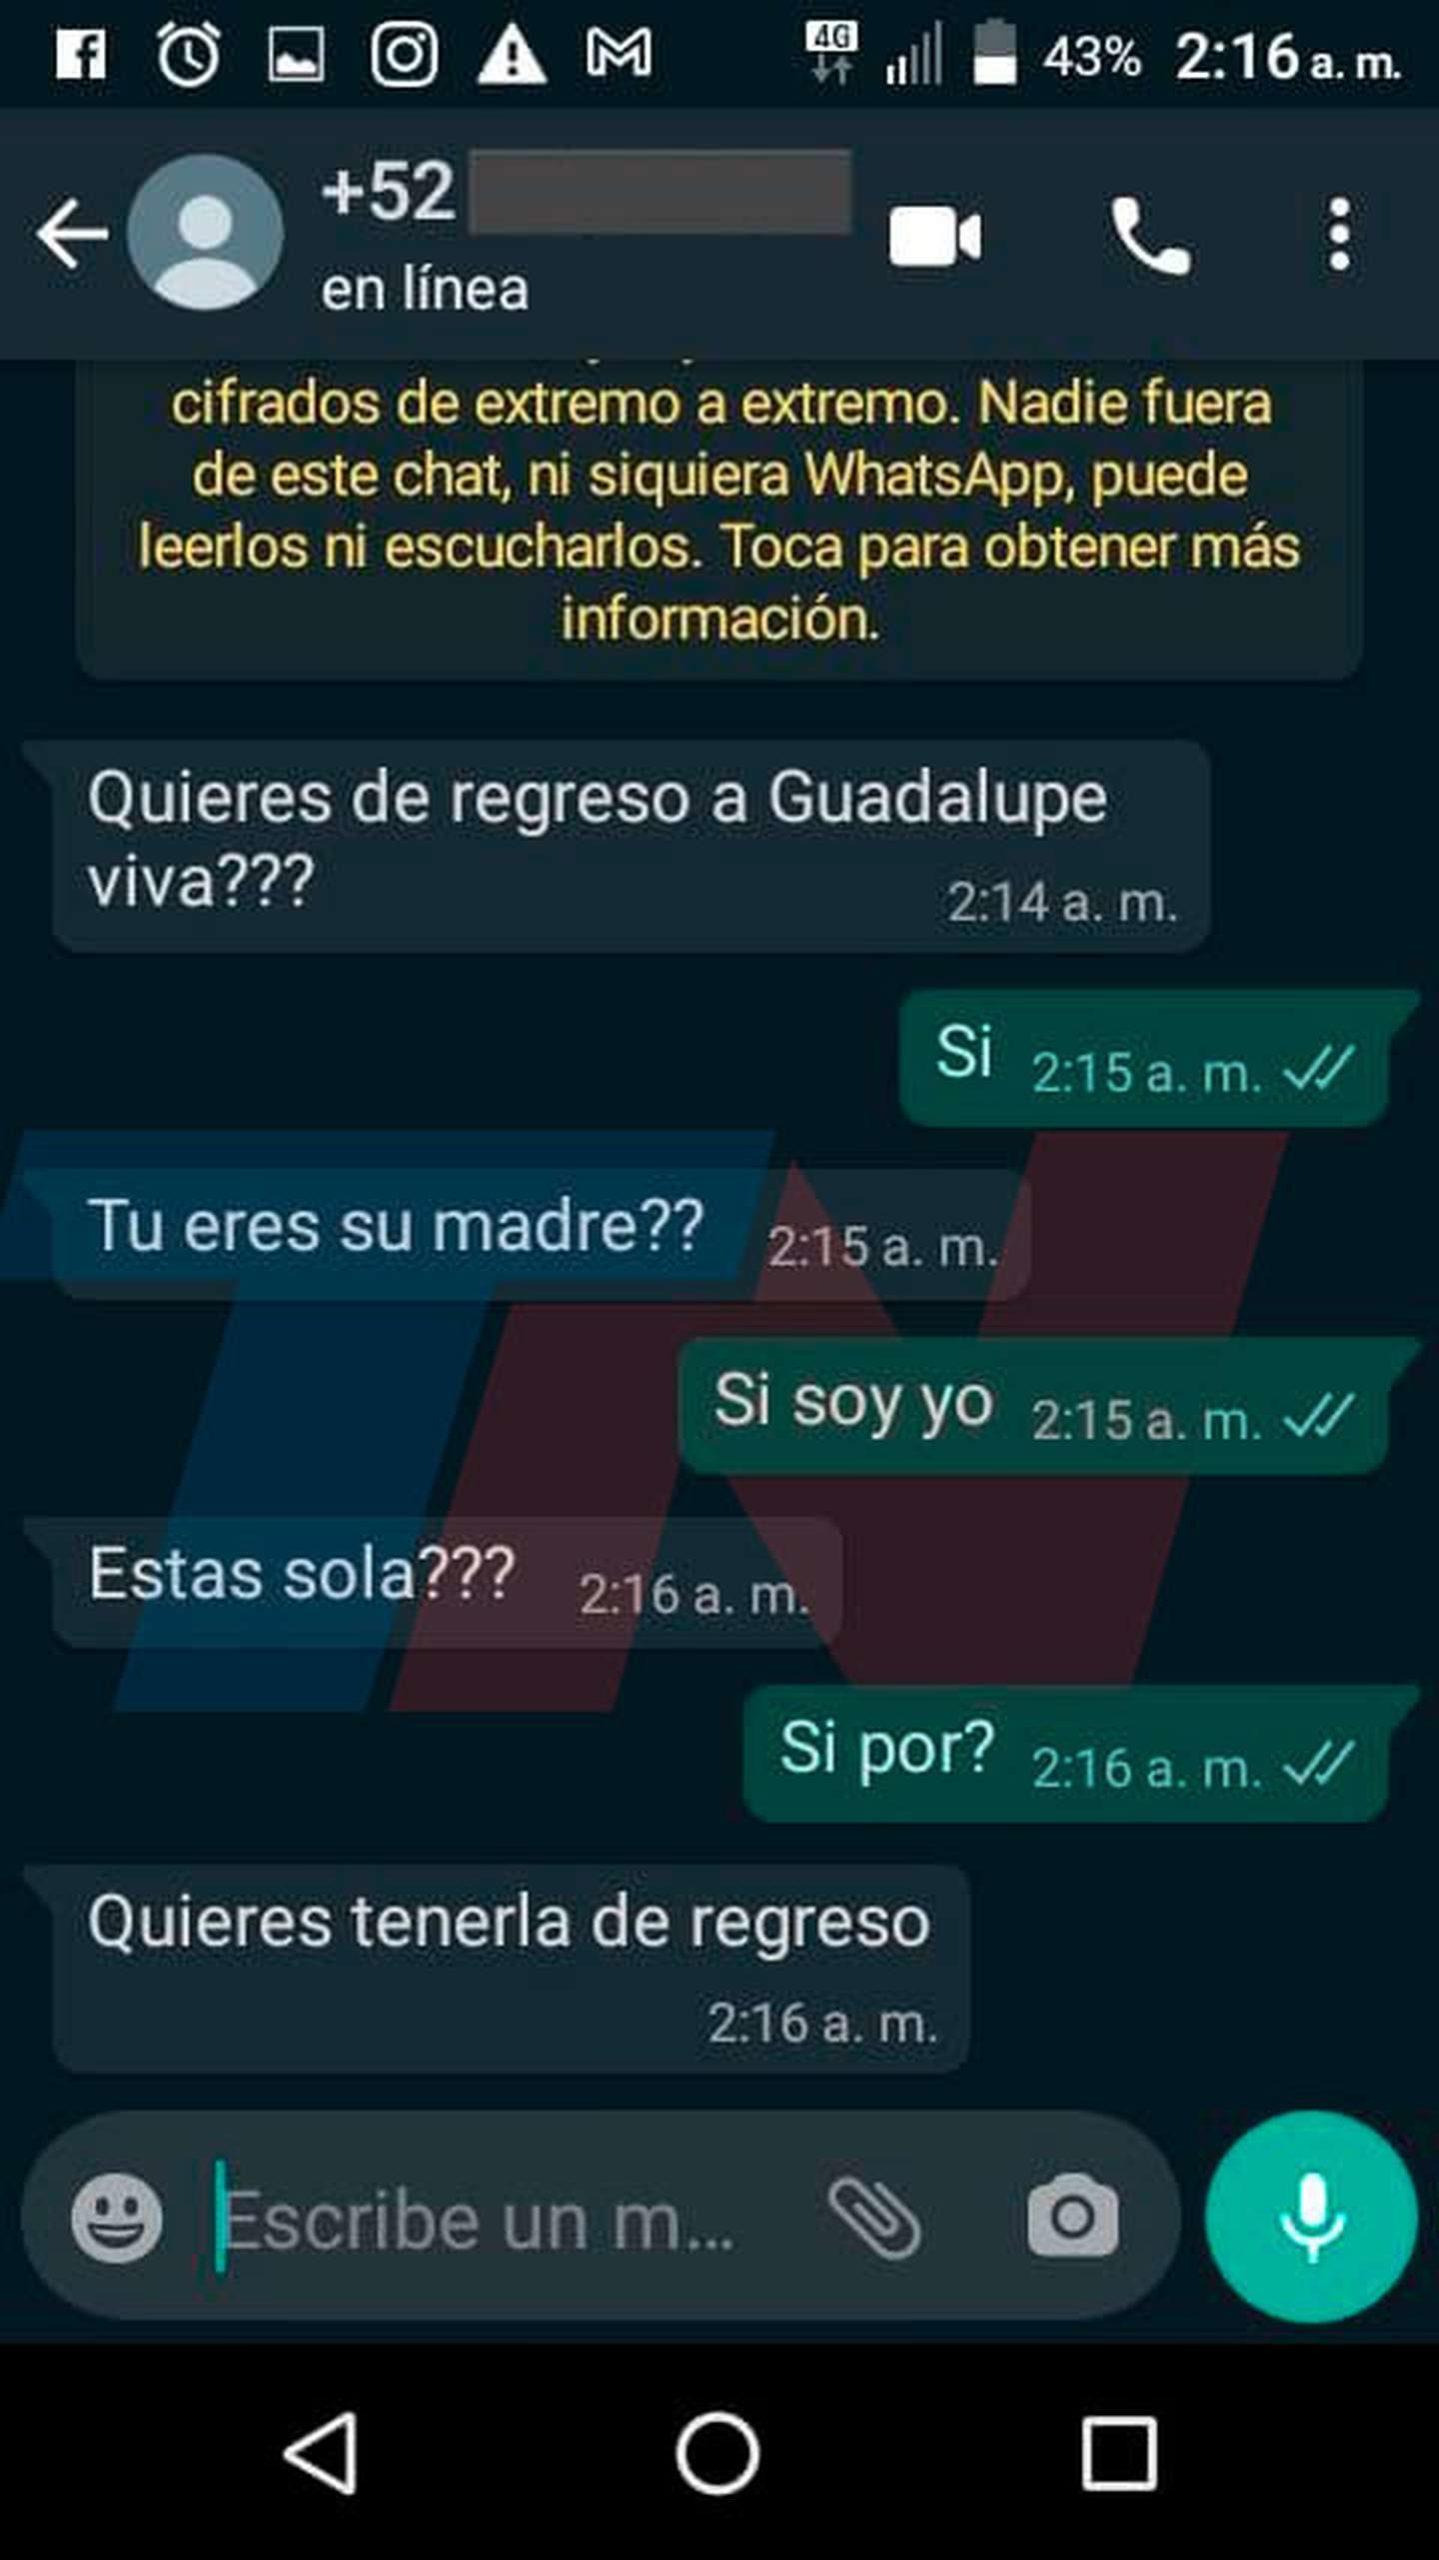 La mamá de Guadalupe asegura que escuchó a la niña por teléfono • Canal C